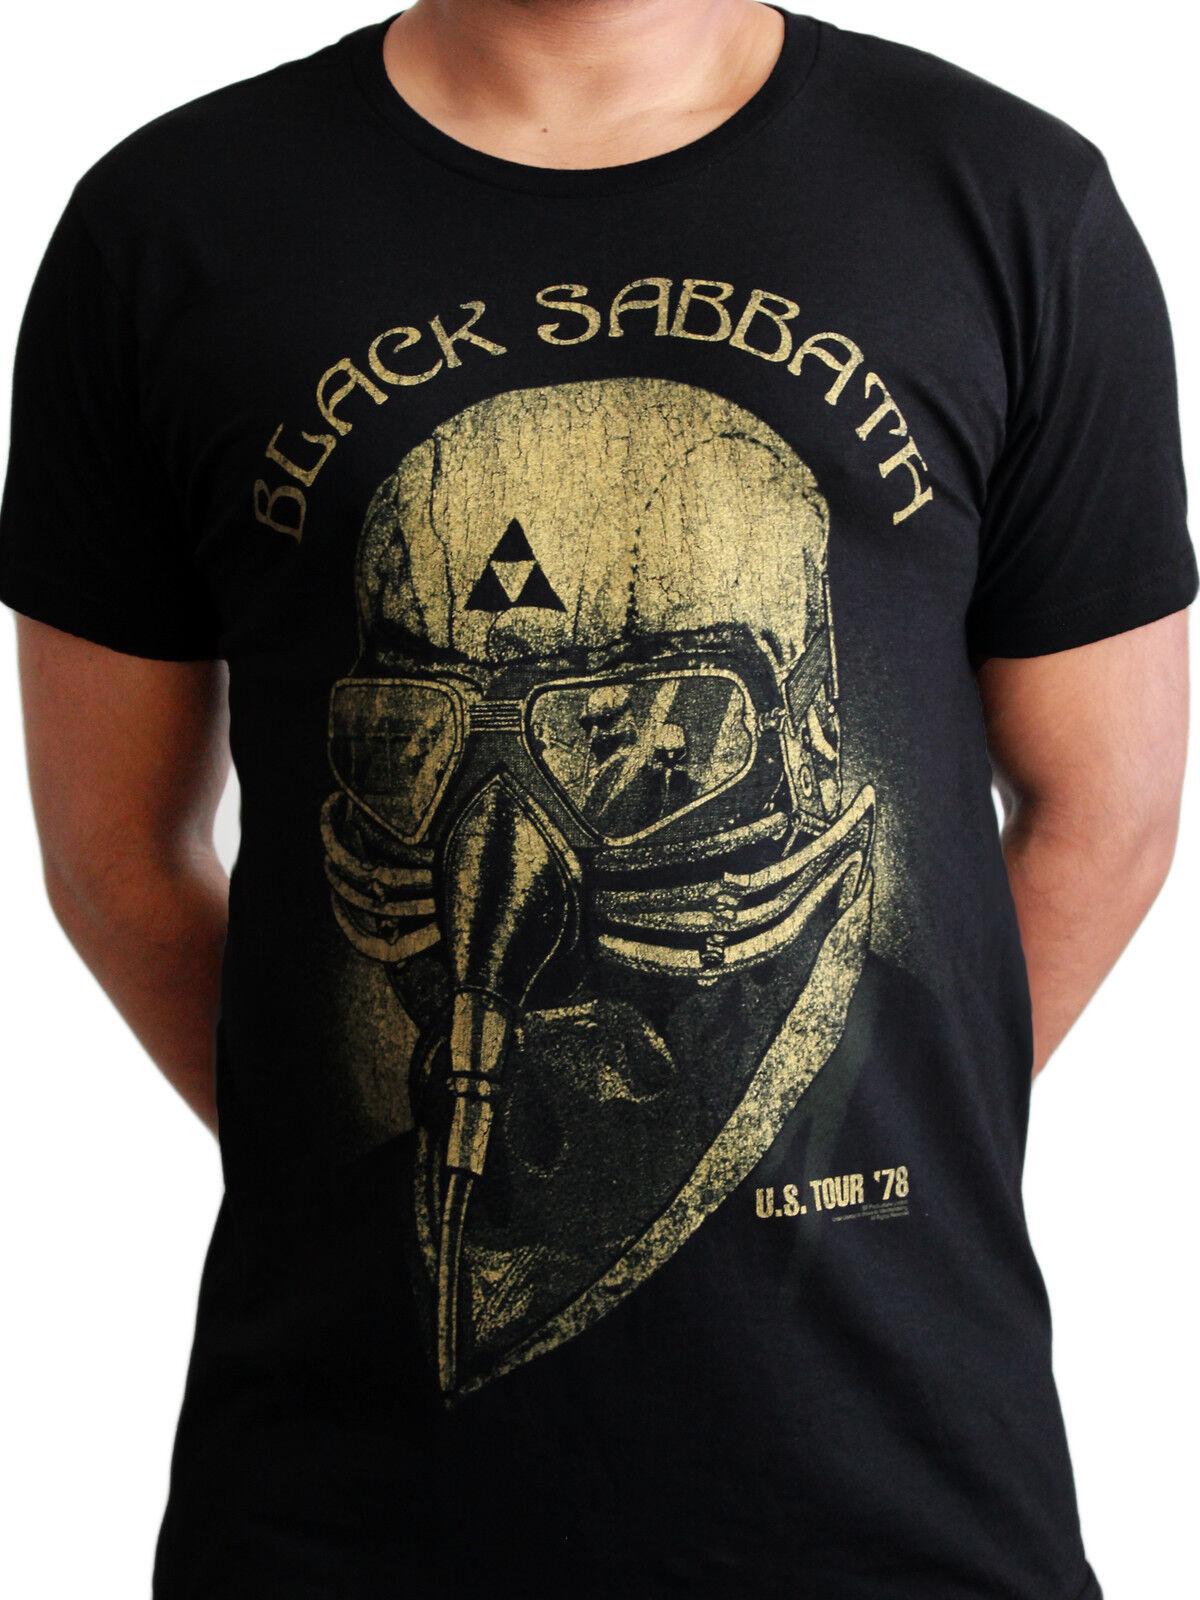 Black Sabbath US Tour 78 Never Say Die Ozzy Avengers Rock Official Mens T -shirt 14b18660efe69